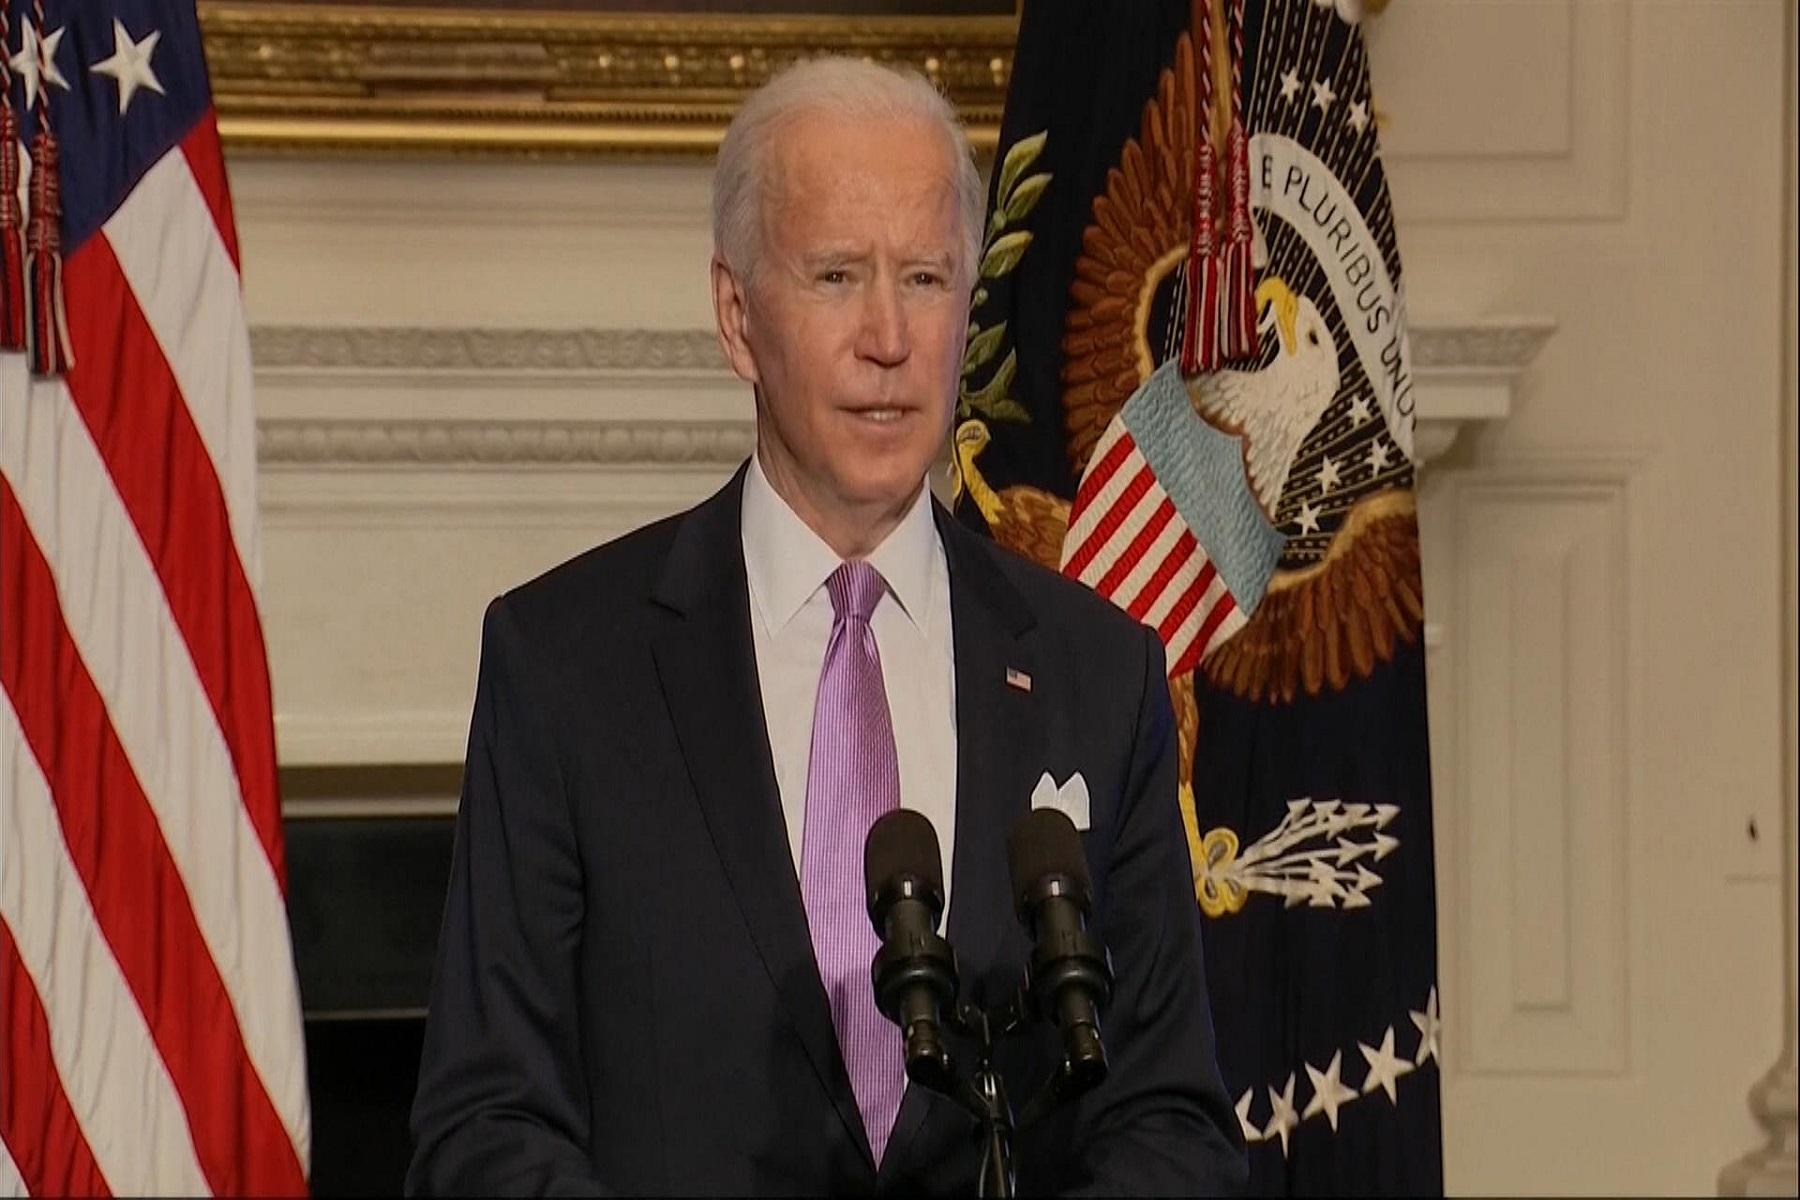 Πρόεδρος ΗΠΑ Μπάιντεν: Επενδύει 2,1 δισεκατομμύρια δολάρια στον έλεγχο των λοιμώξεων